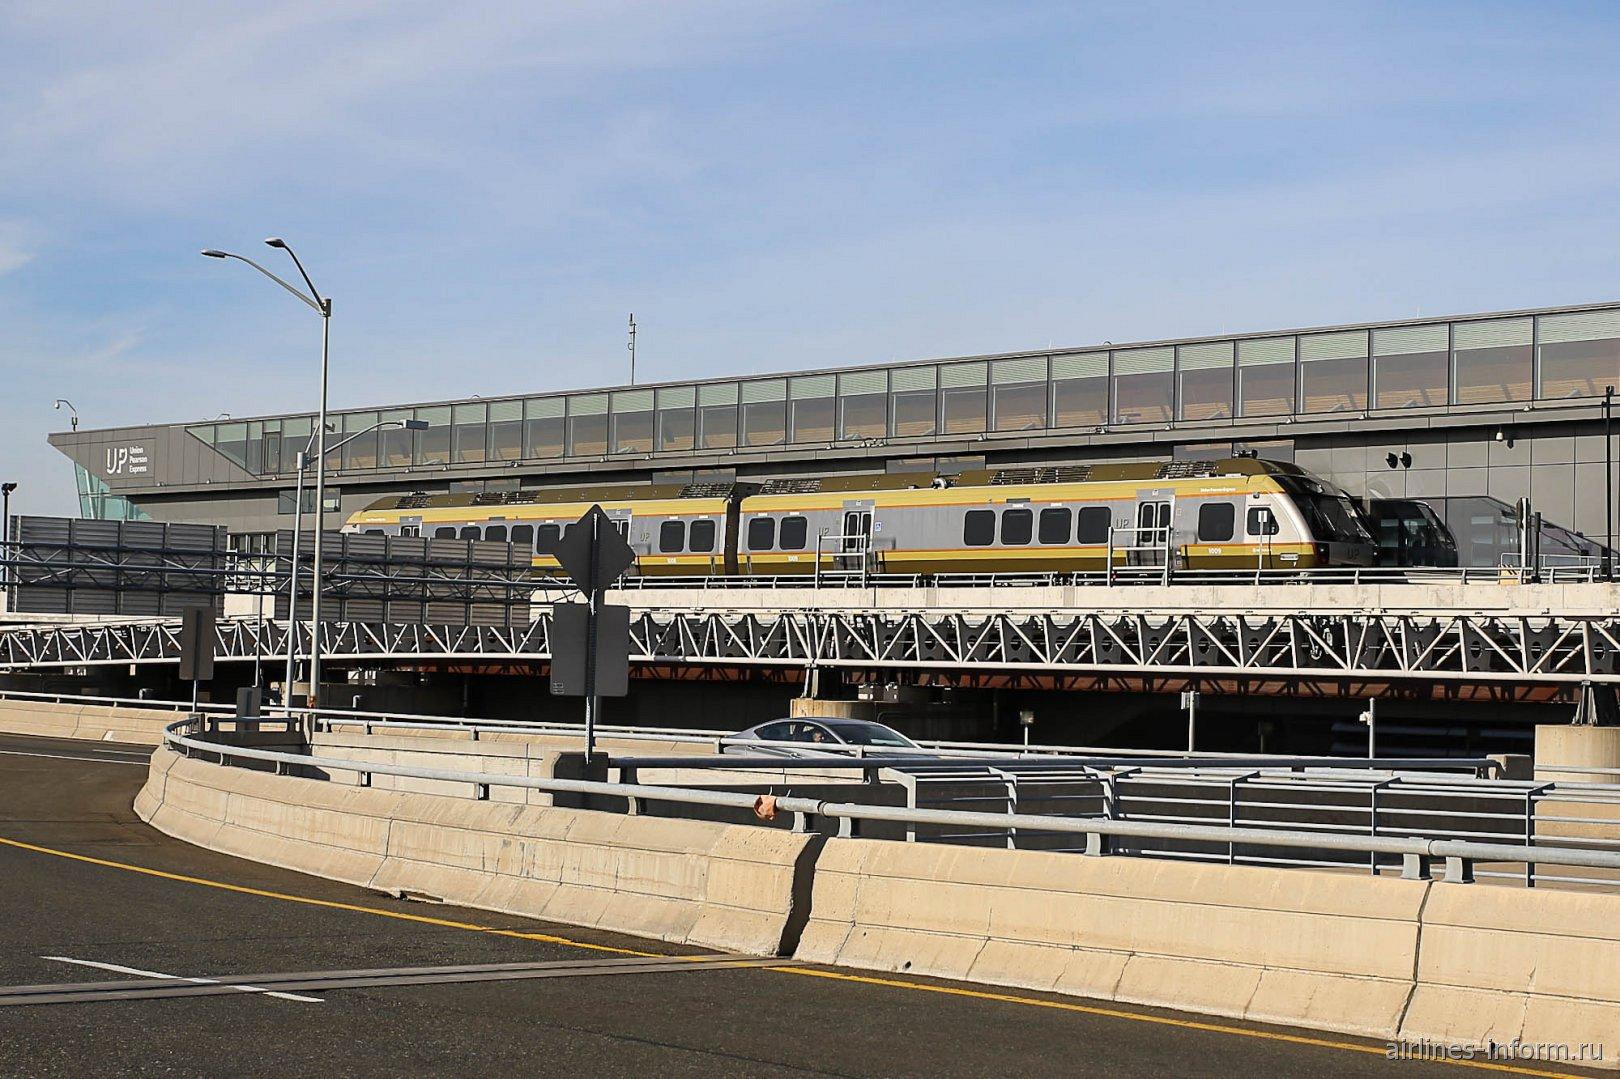 Поезд Аэроэкспресс между центром Торонто и аэропортом имени Лестера Пирсона